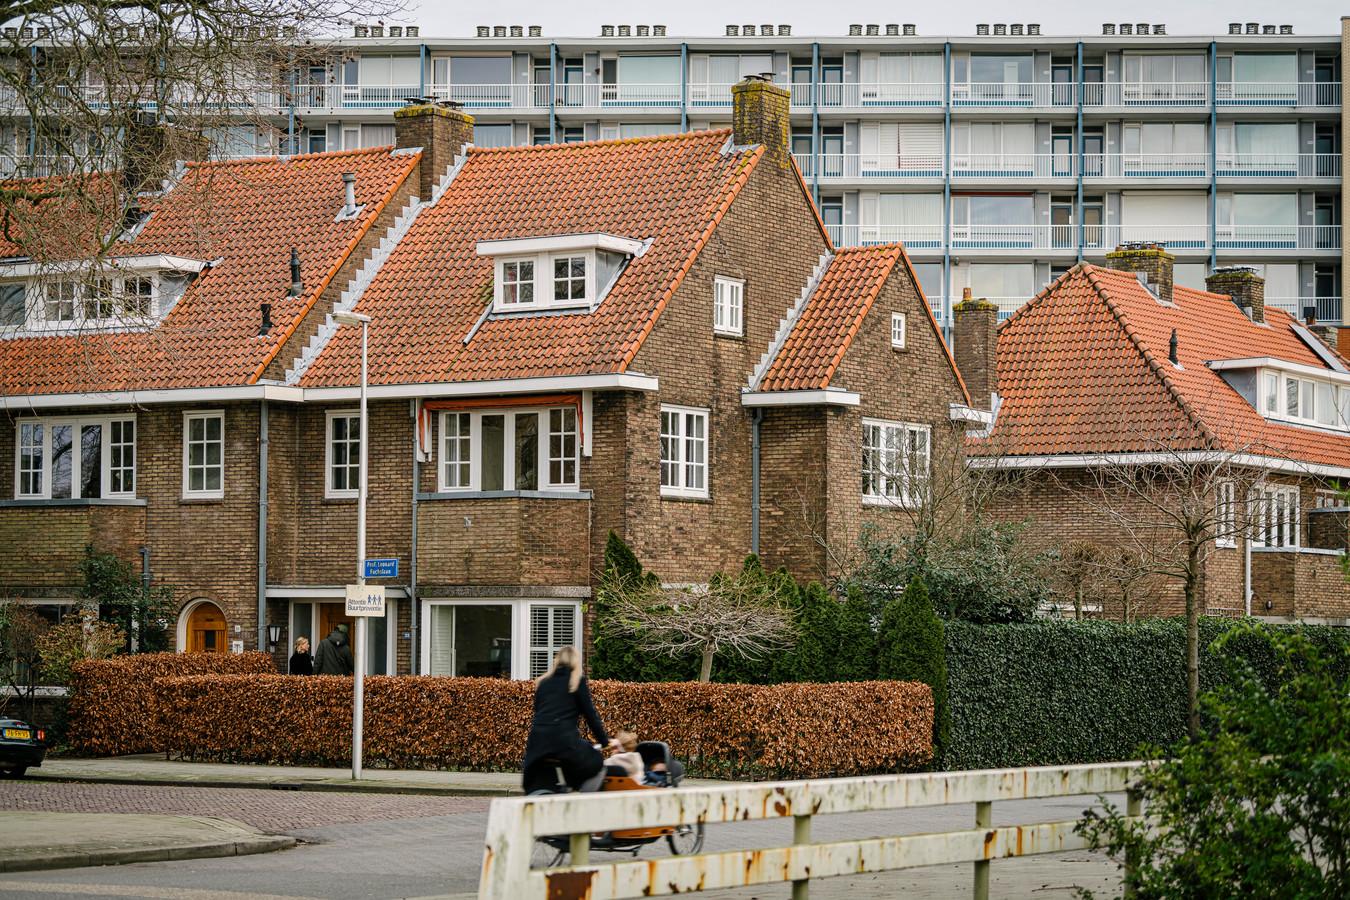 Woningen in de Utrechtse wijk Tuindorp.